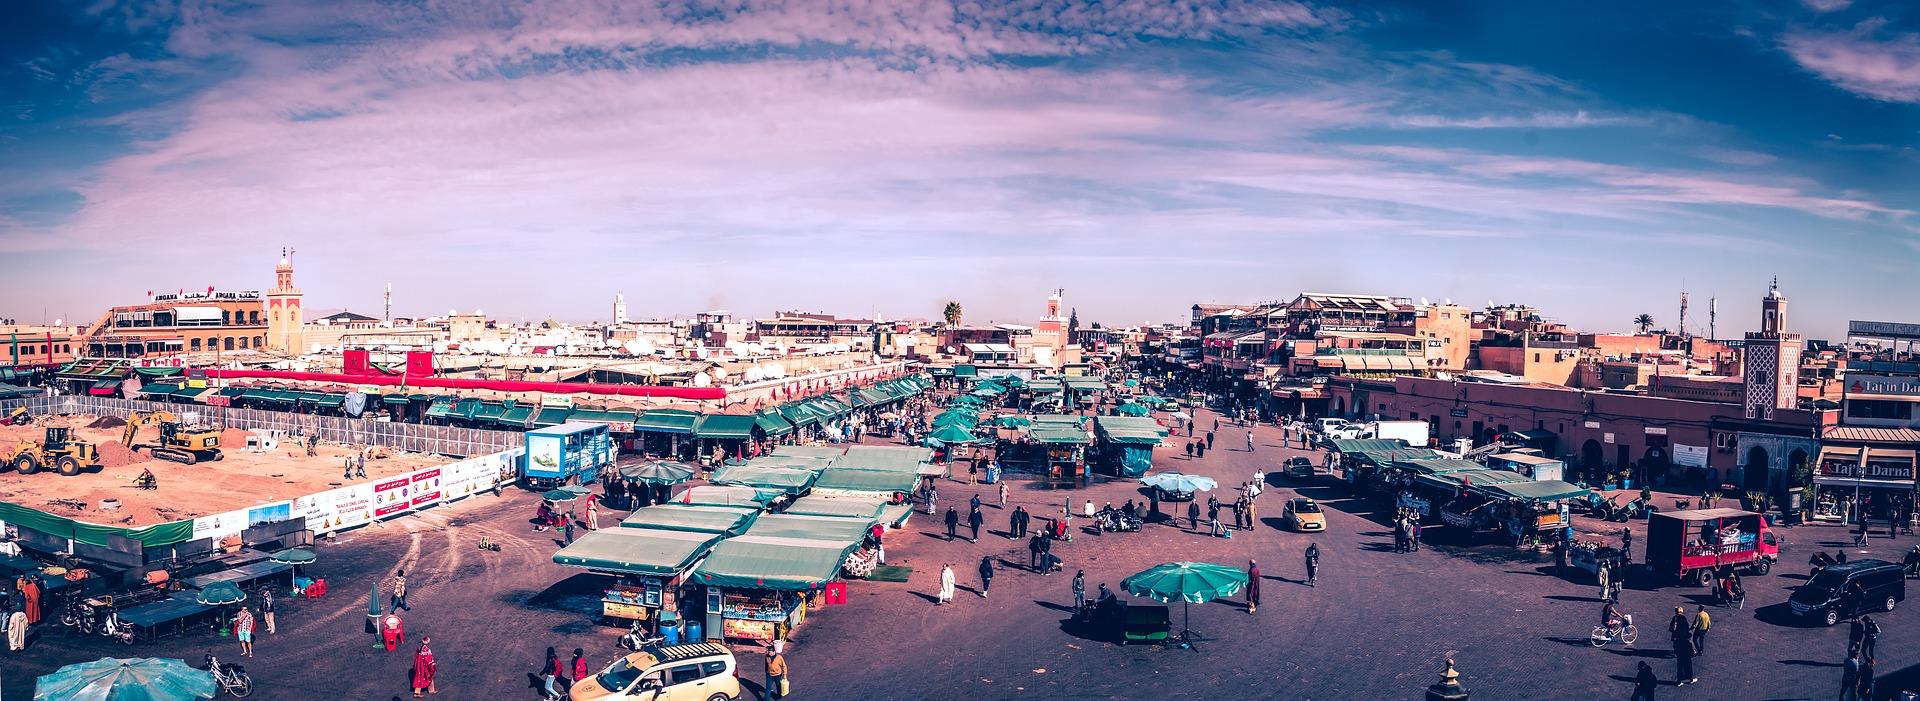 maroko, afrika, grad, destinacija, letovanje